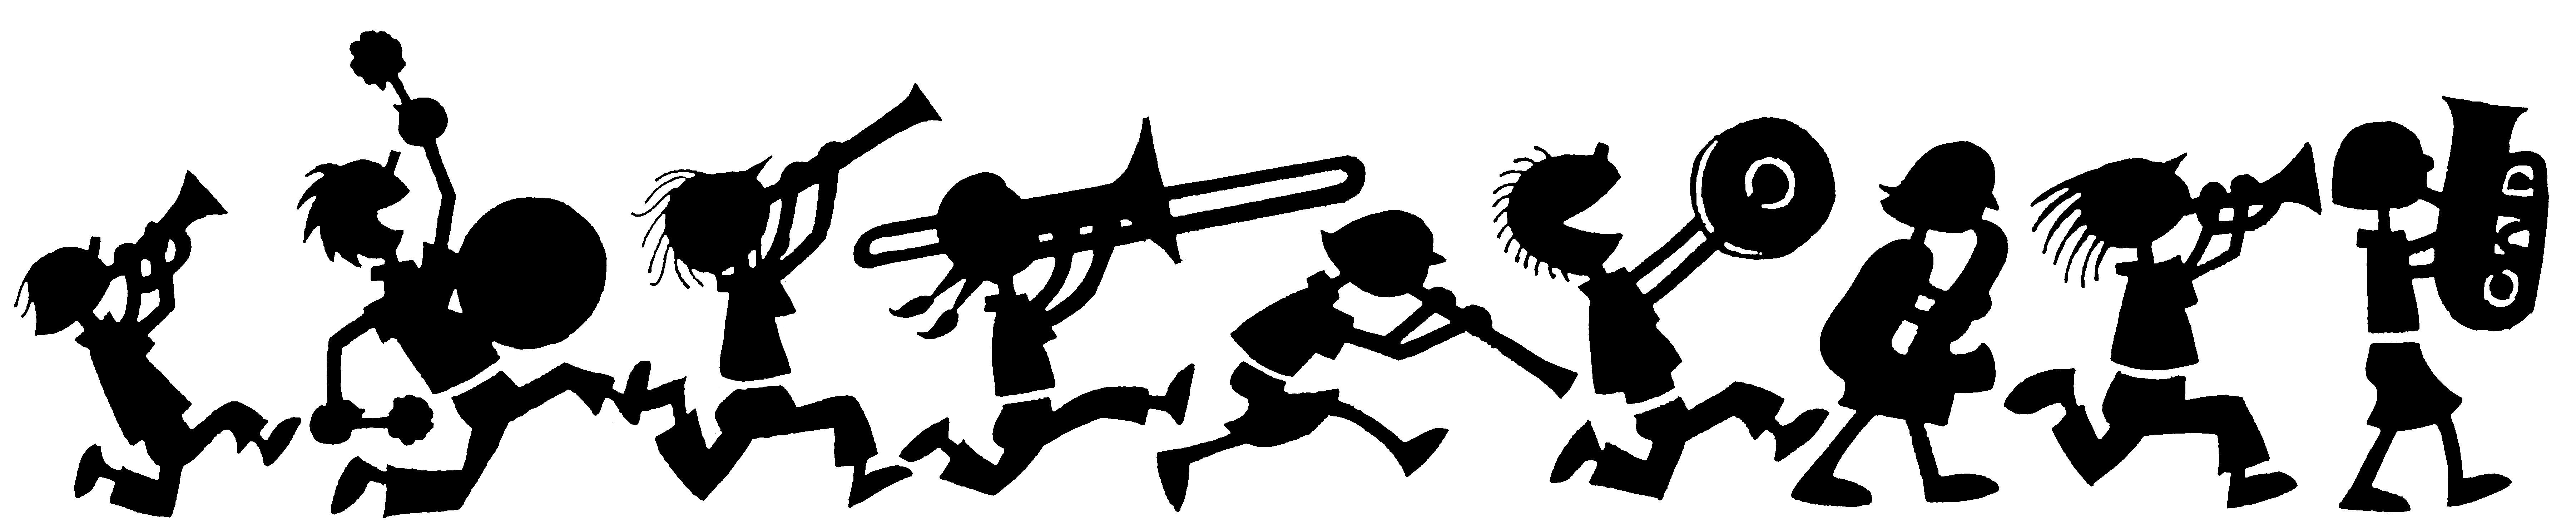 Brass clipart summer music Art Clipart The Listen Clipart